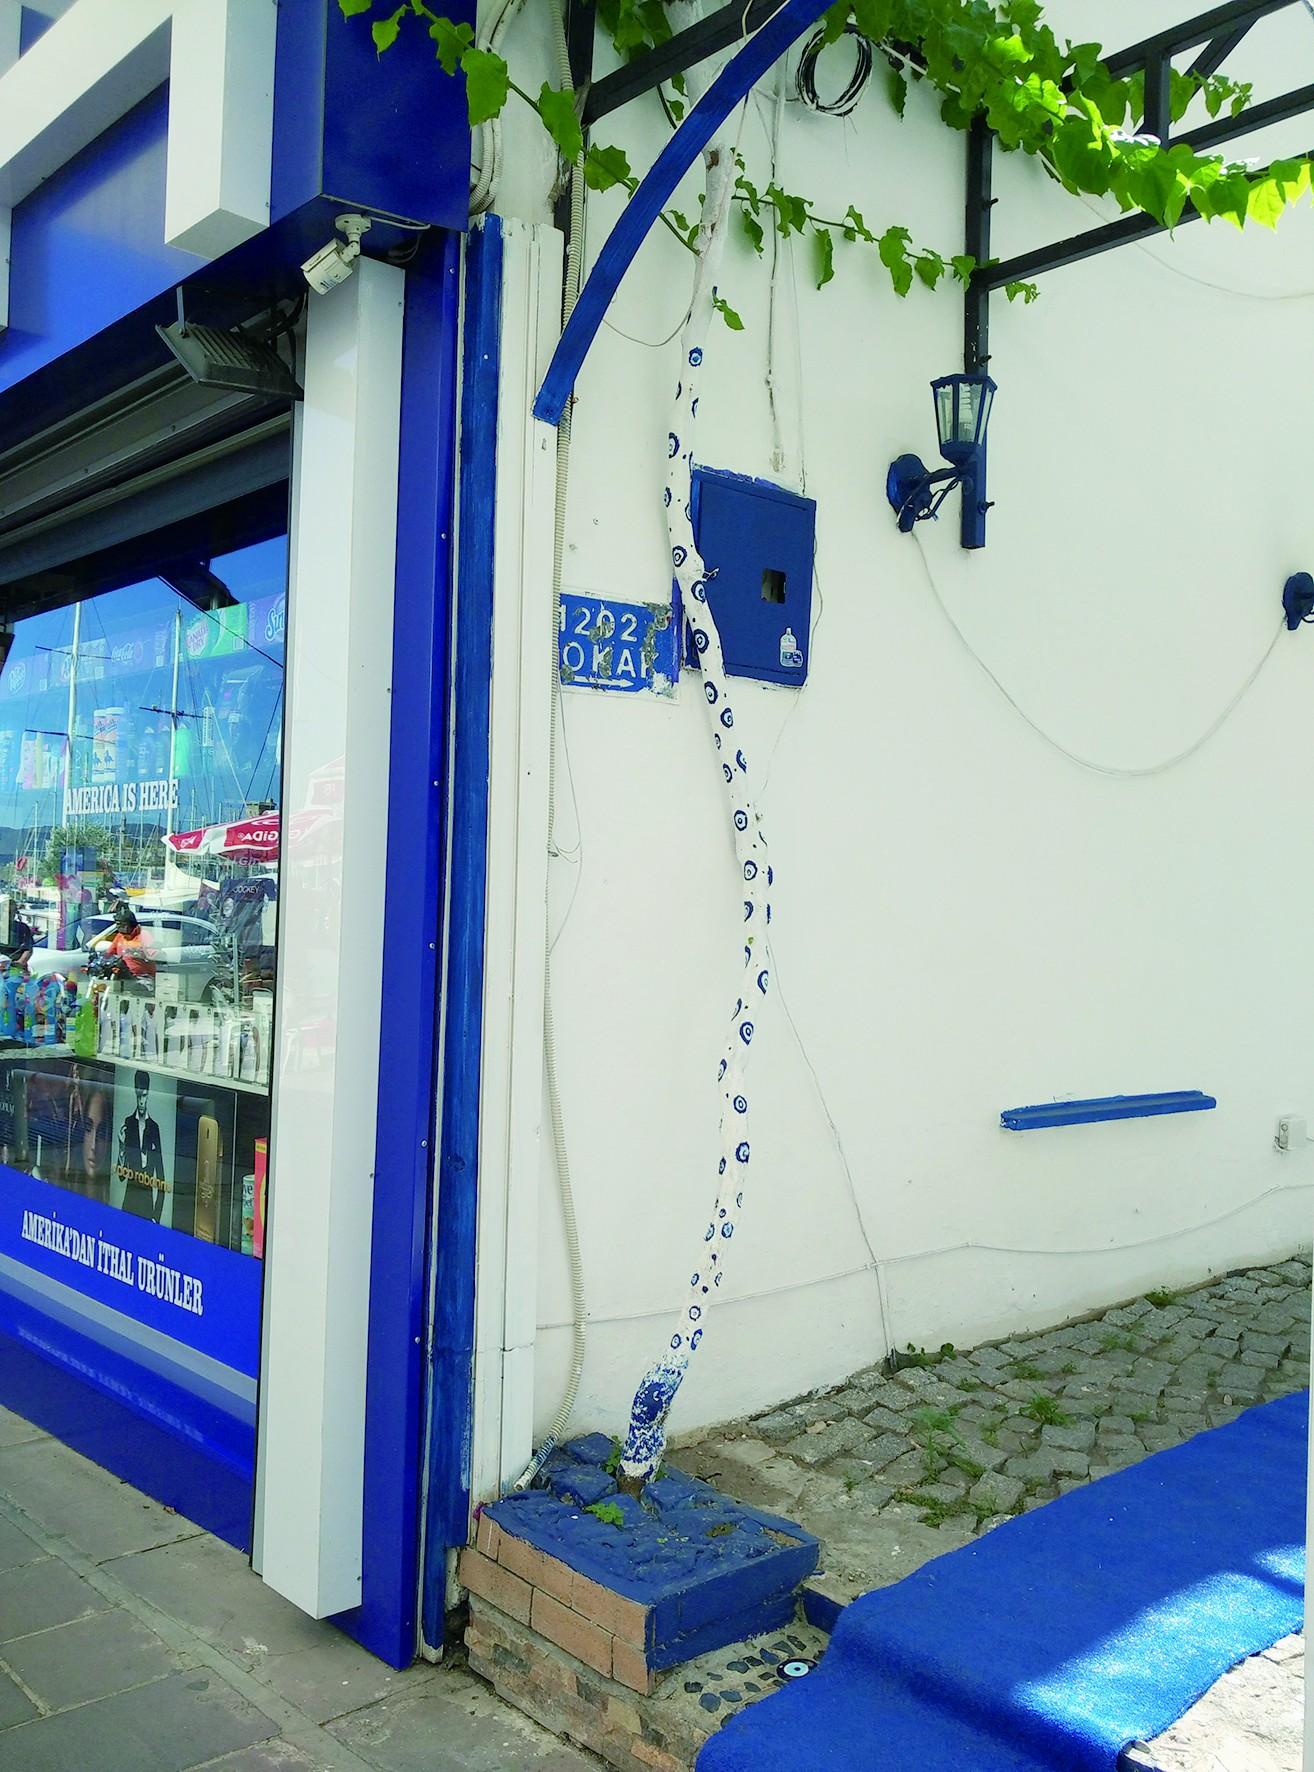 土耳其白色小镇博德鲁姆 邂逅蓝眼睛树